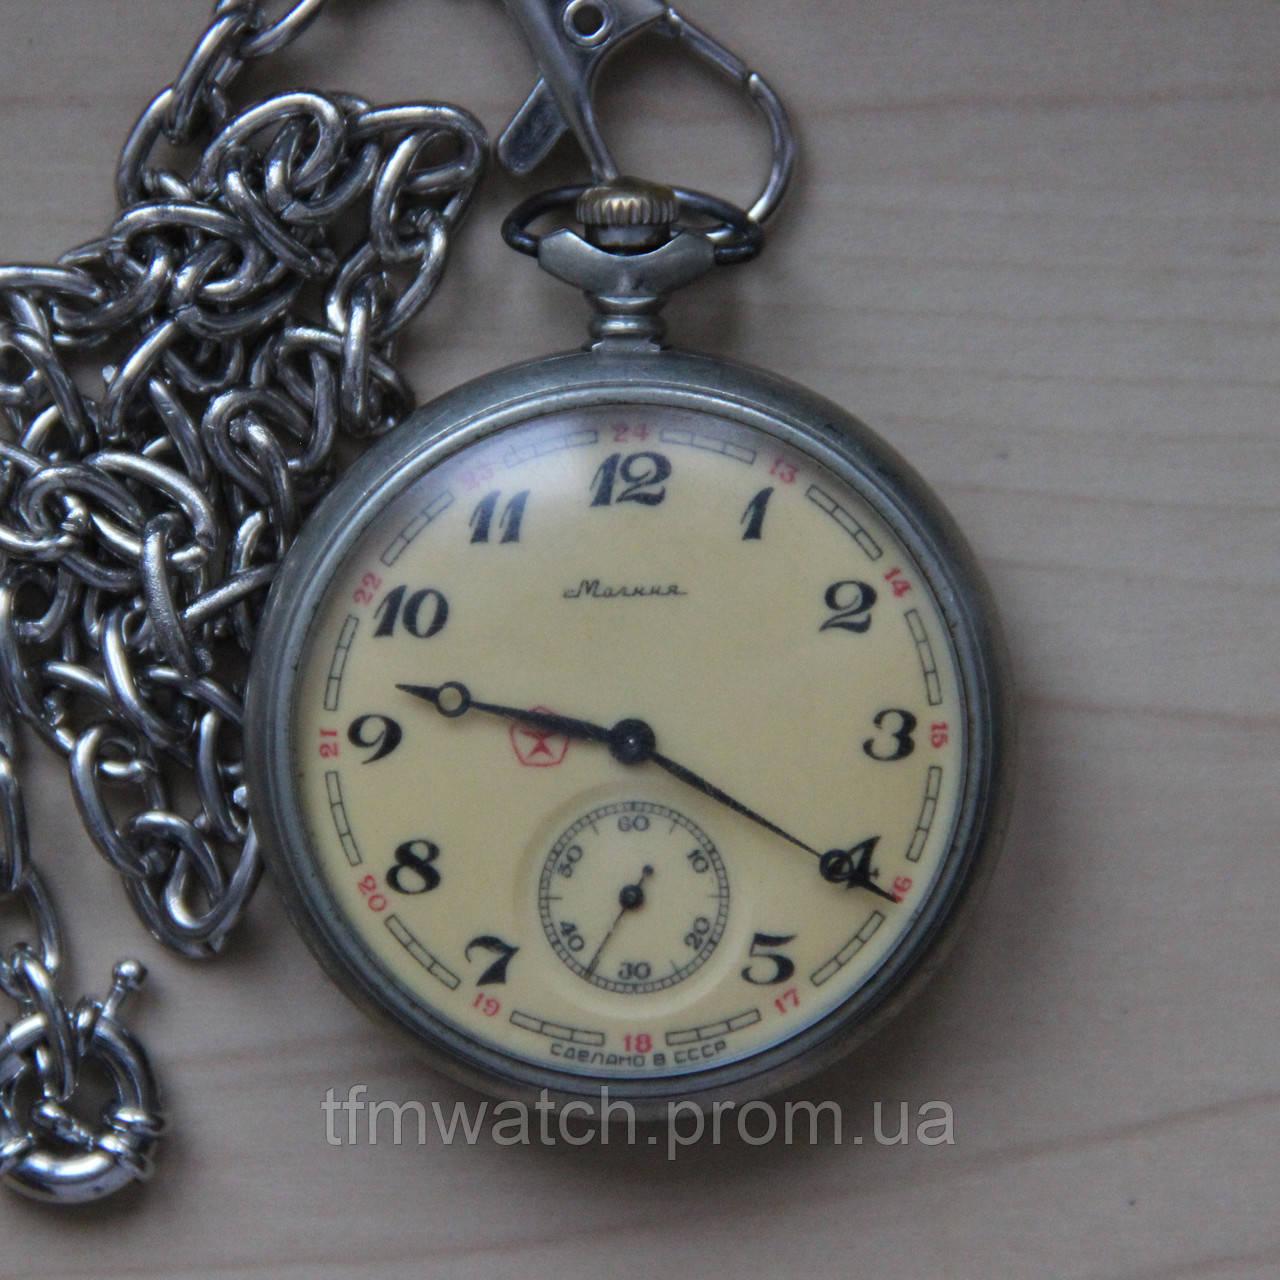 Часы молния продать хабаровске продать часы в